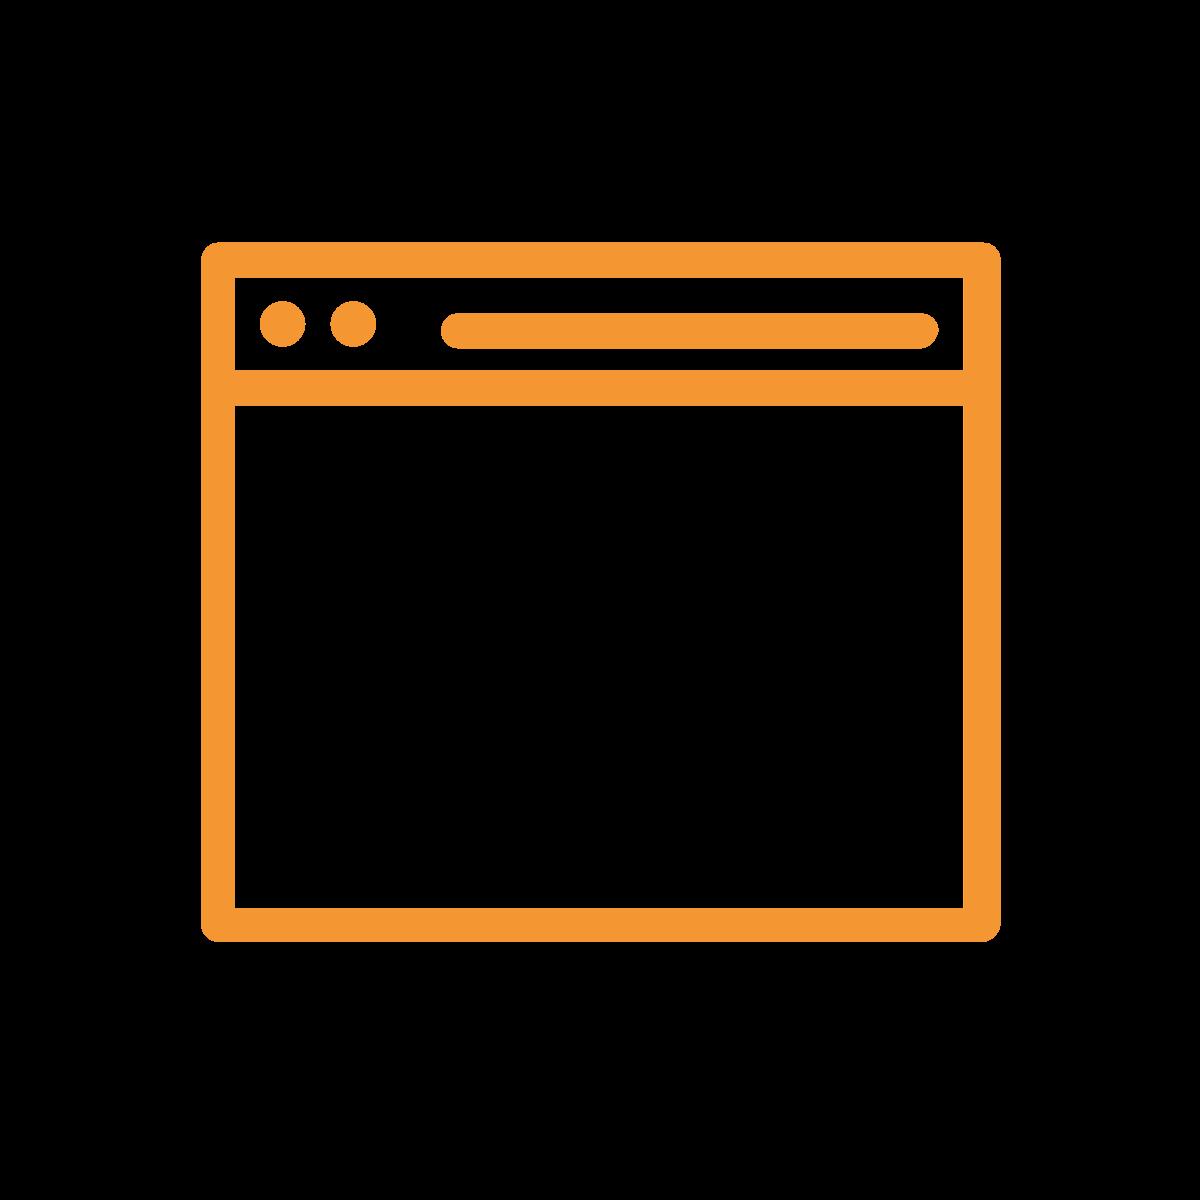 icon-url